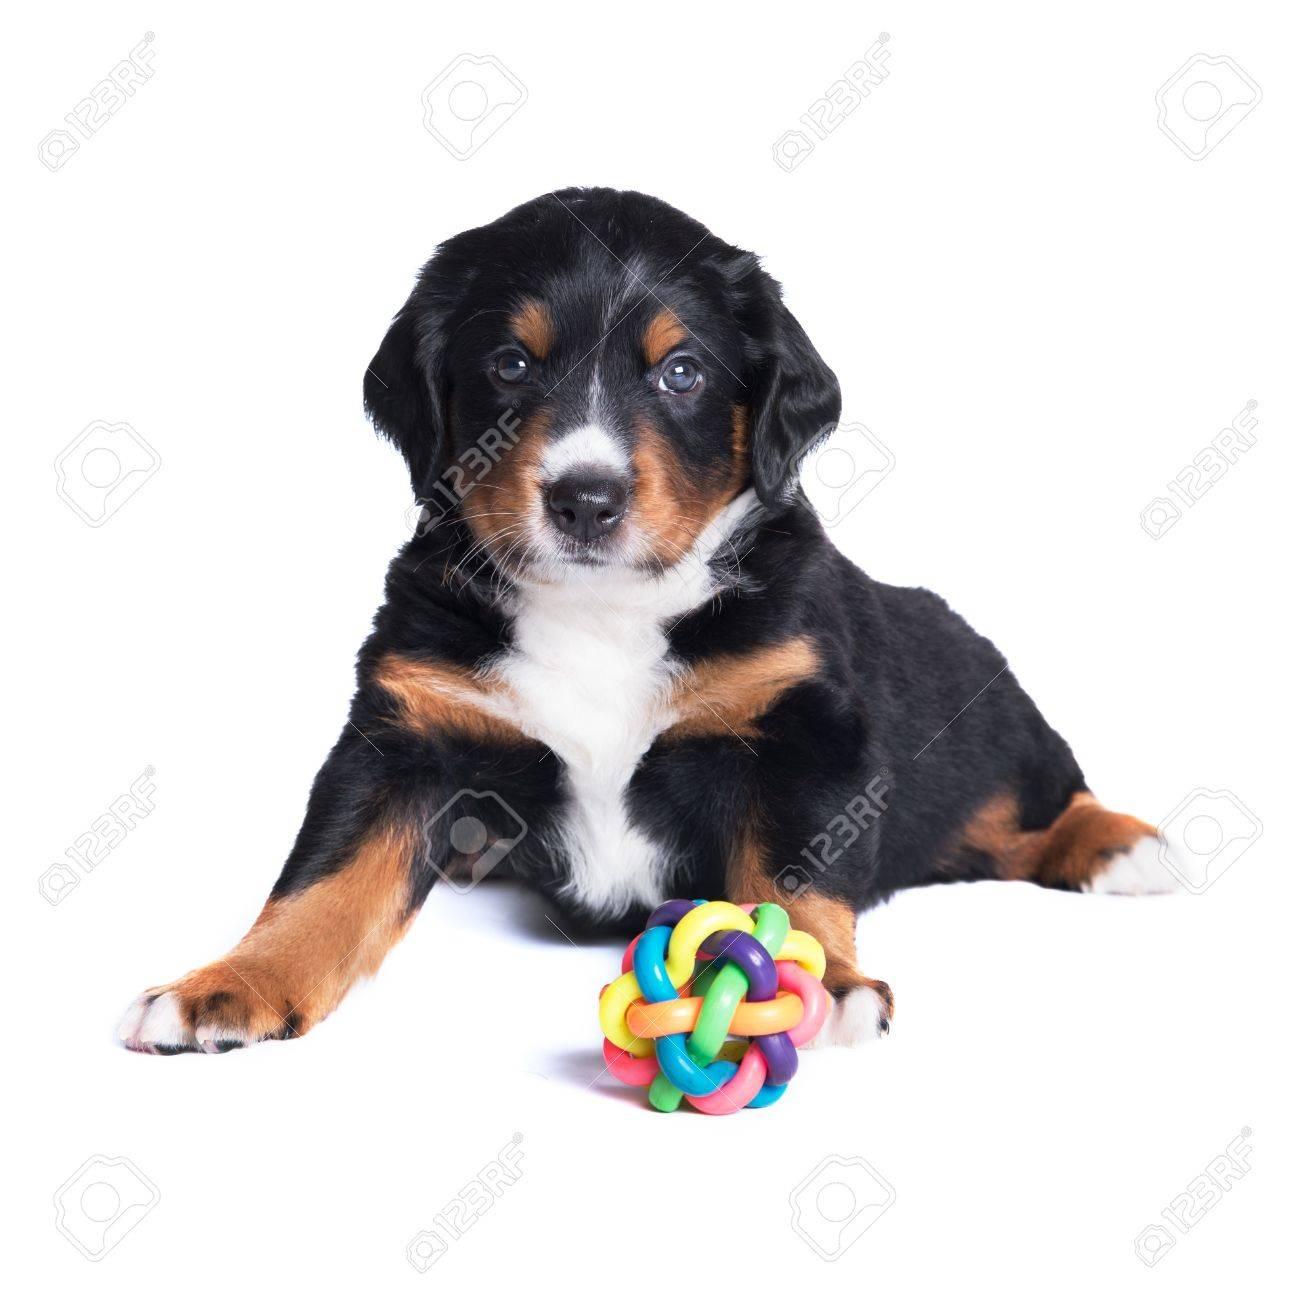 Puppy Appenzeller Sennenhund 5 Weeks Isolated On White